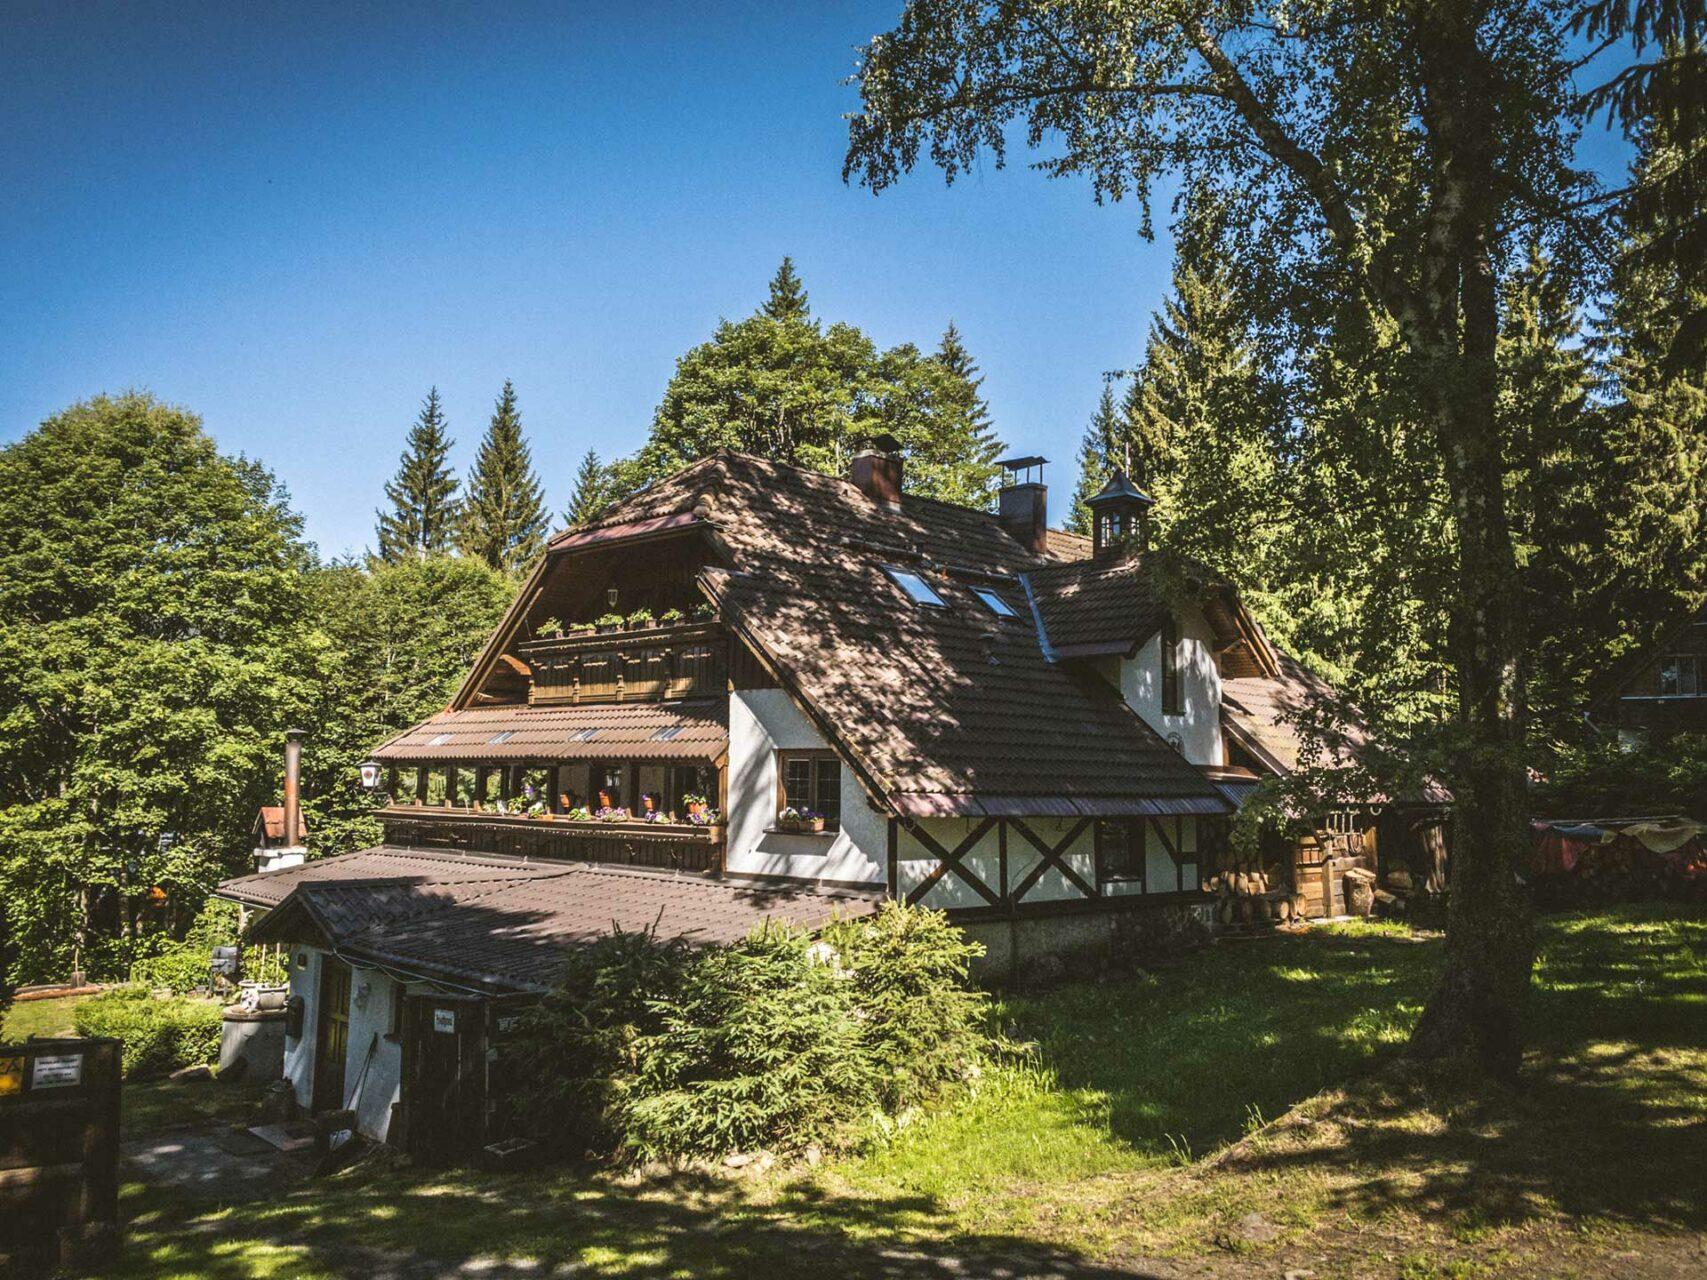 Rund um Špičák gibt es viele dieser Hütten, die sich im Wald verstecken und teils zur Vermietung angeboten werden